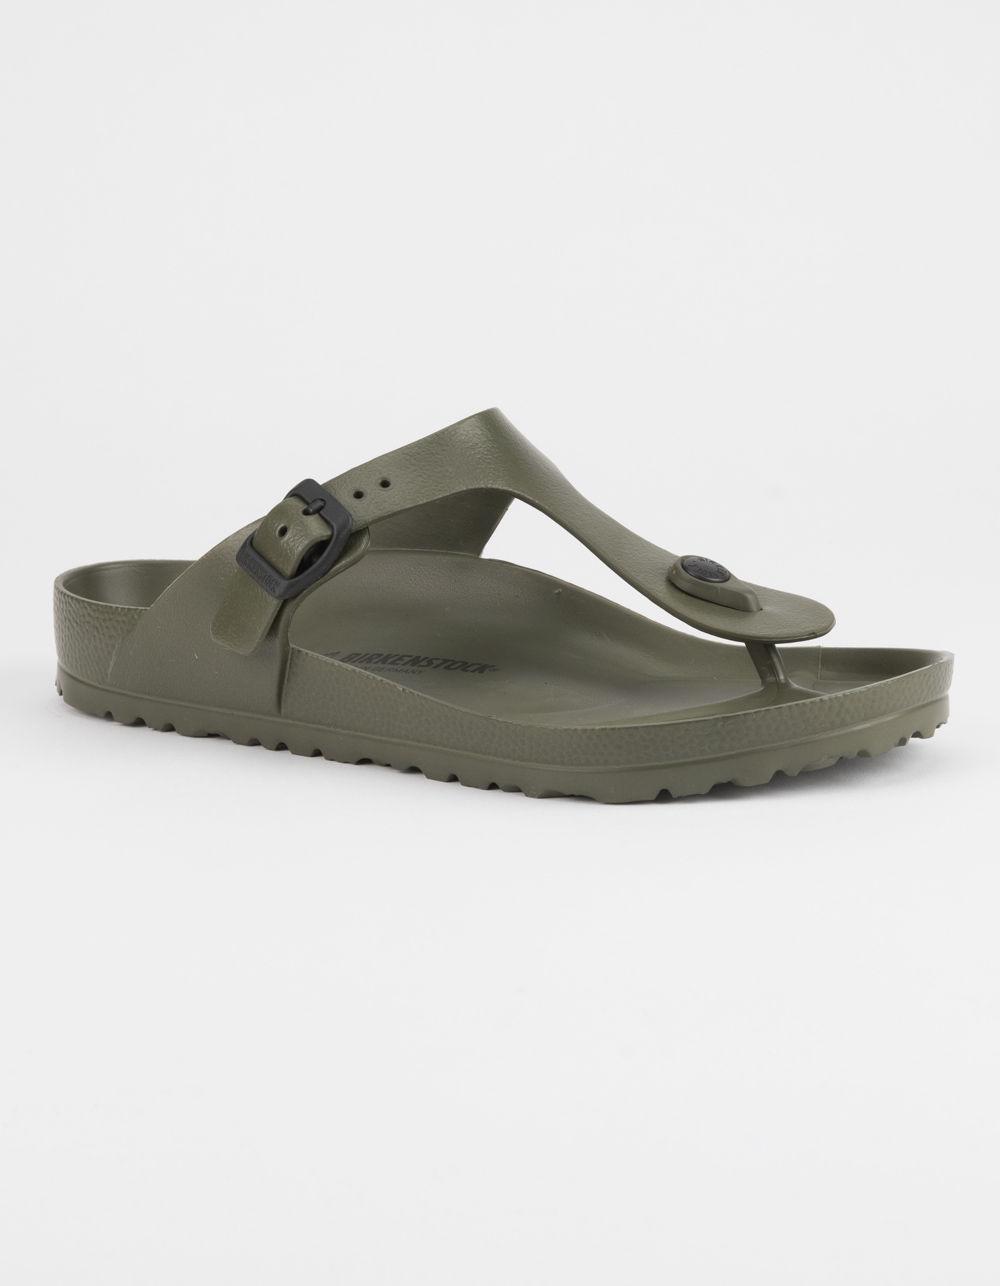 olive green birkenstock sandals Shop